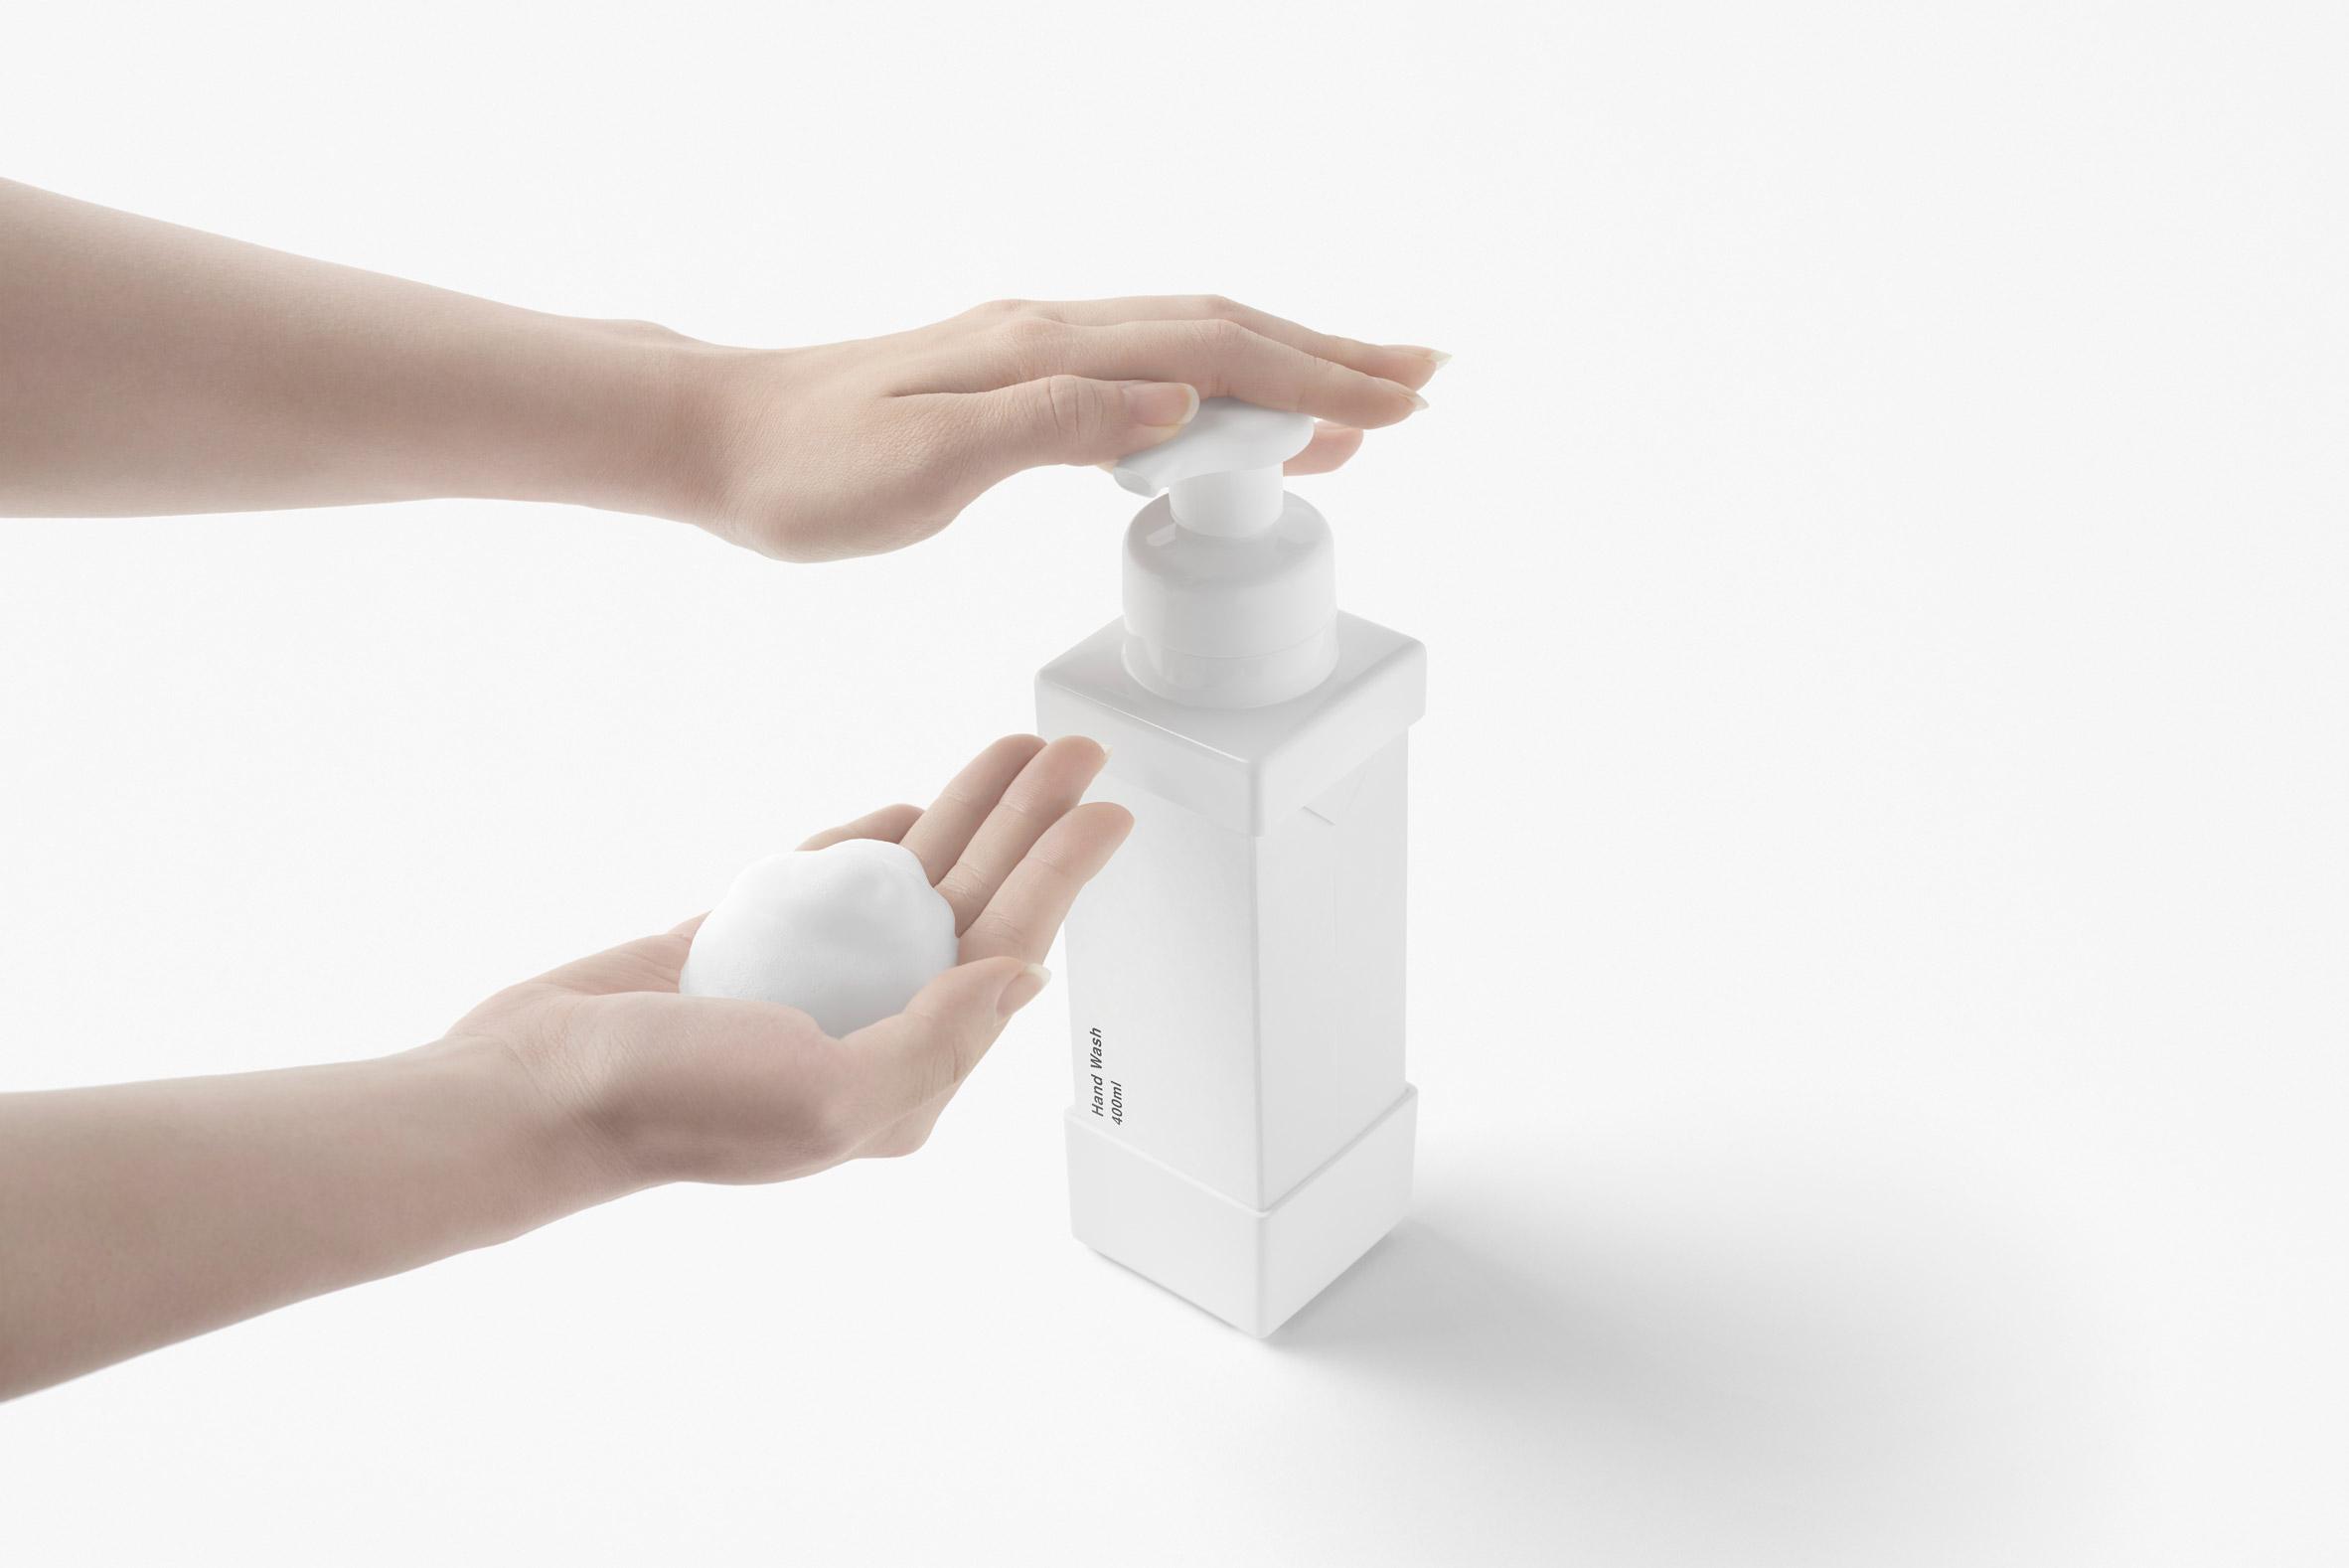 Reusable paper cartons